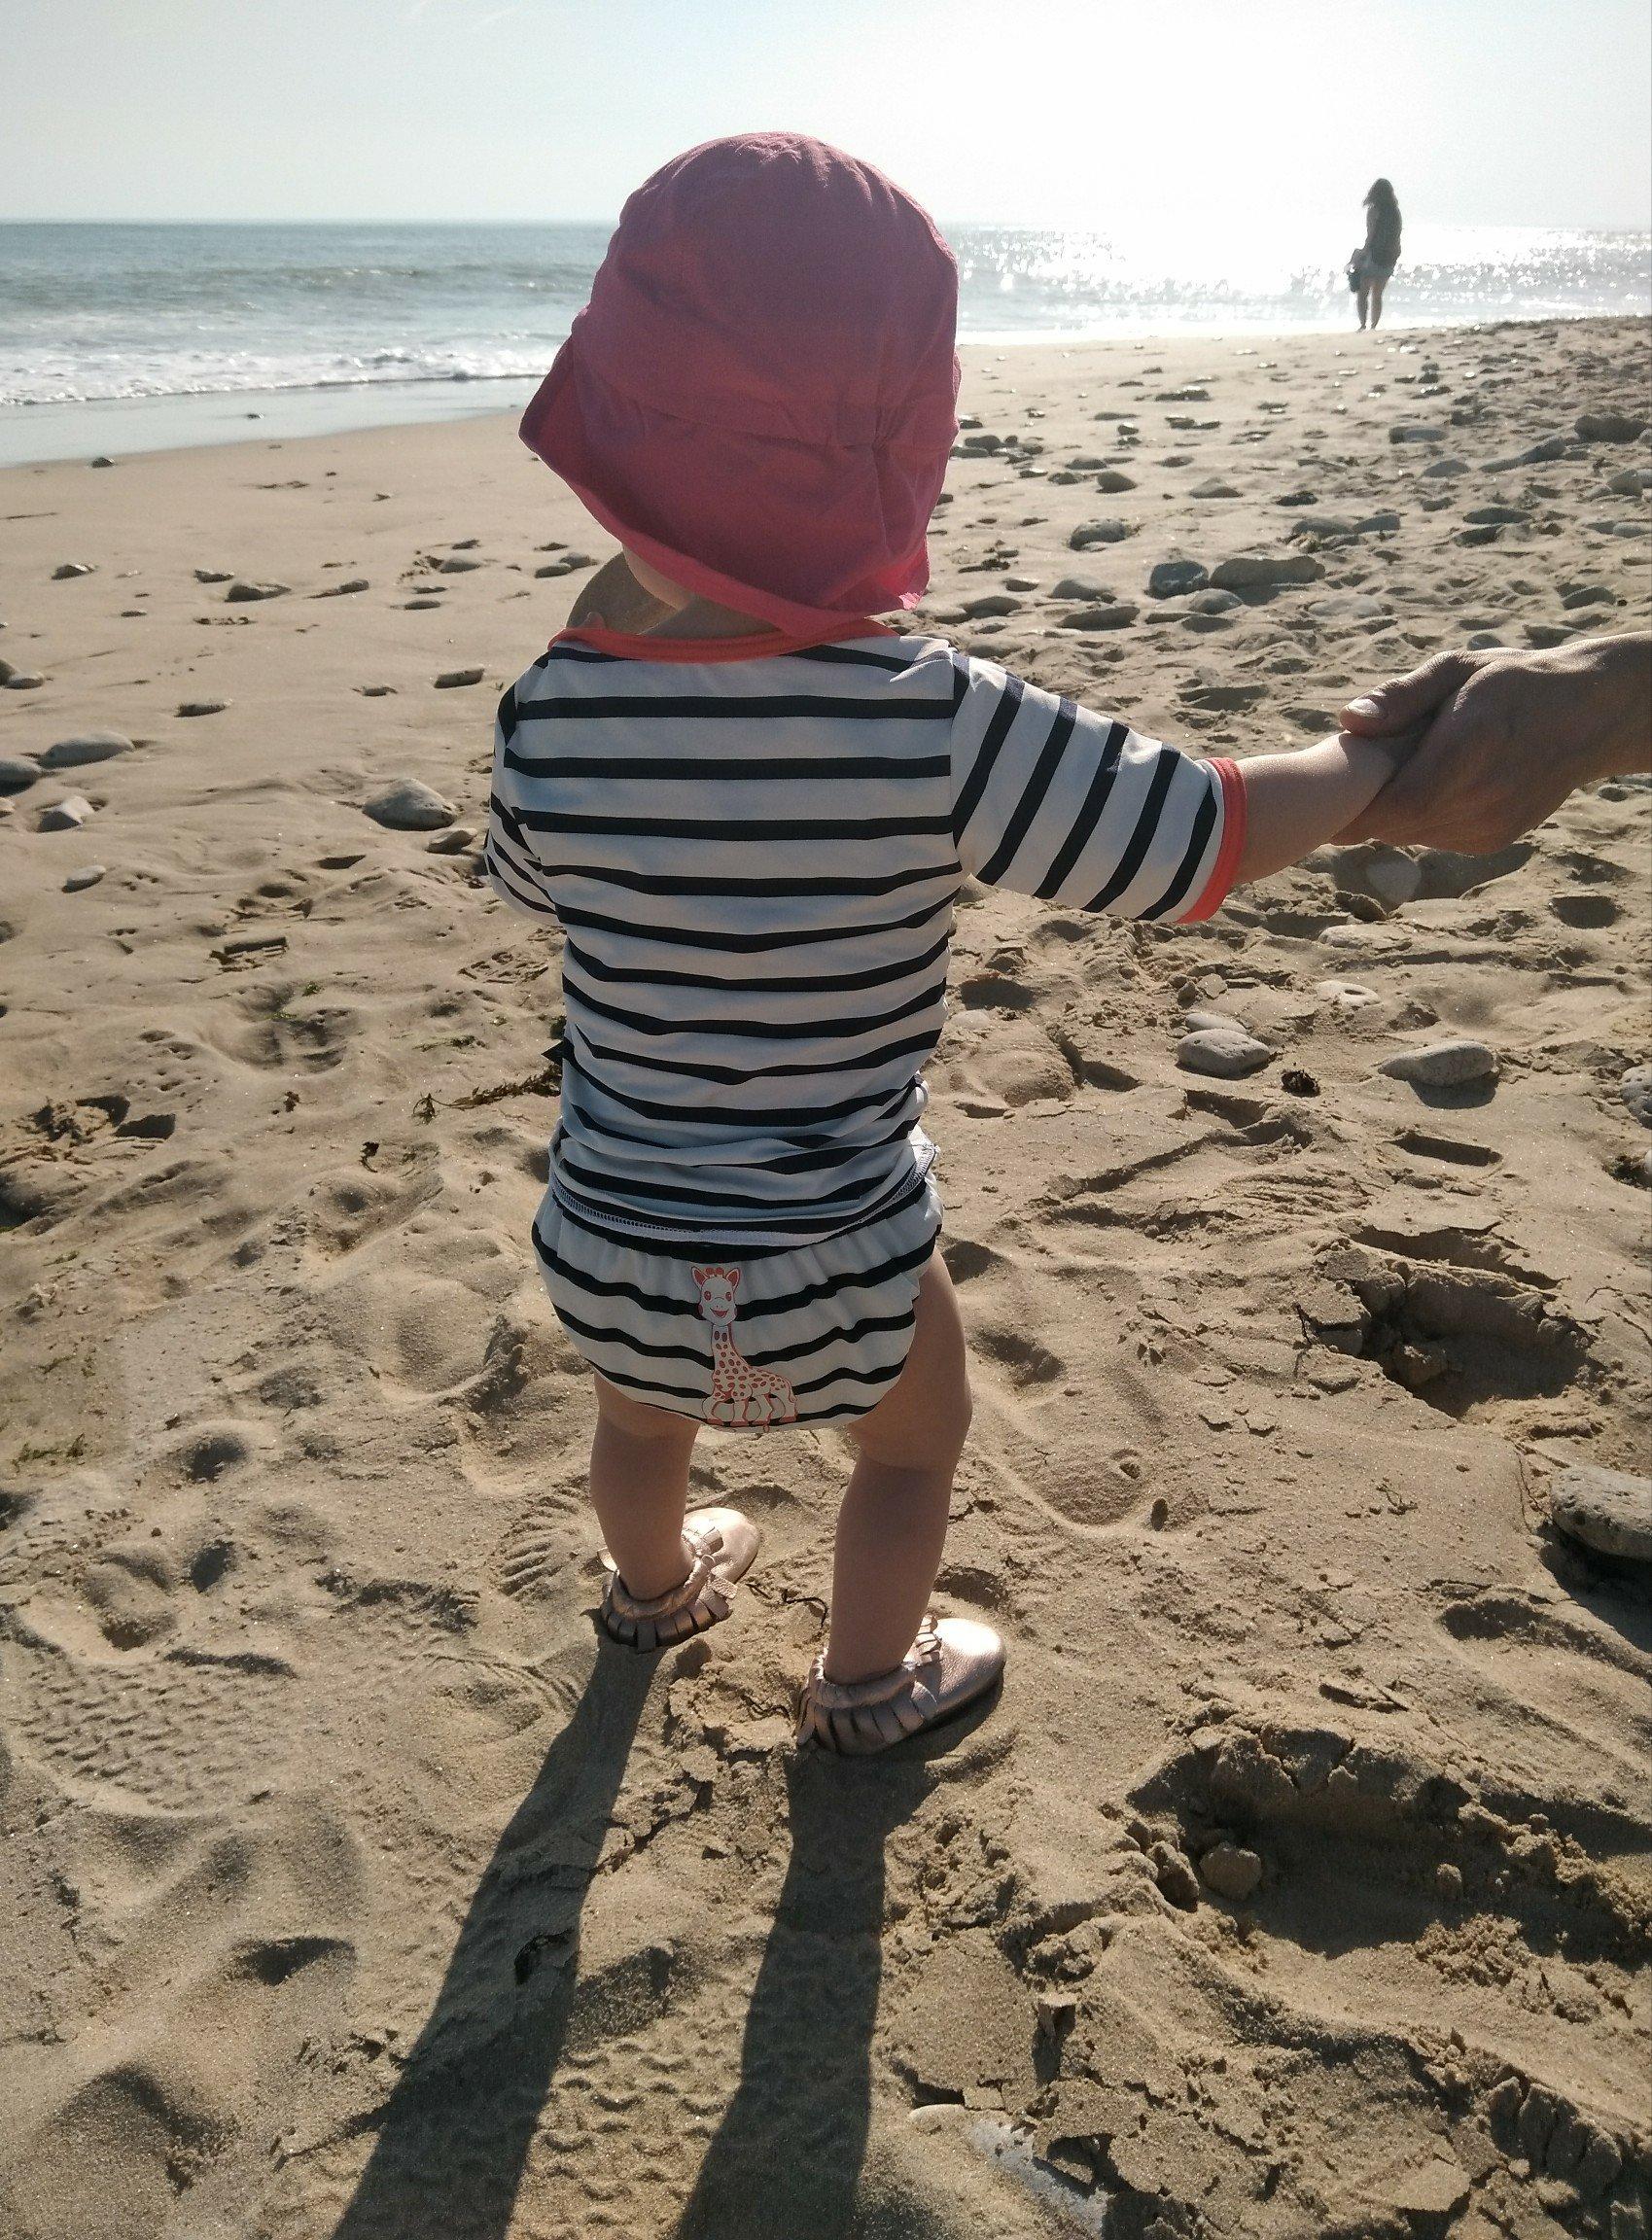 Bébé regarde la mer et porte un maillot de bain anti-UV MAYOPARASOL